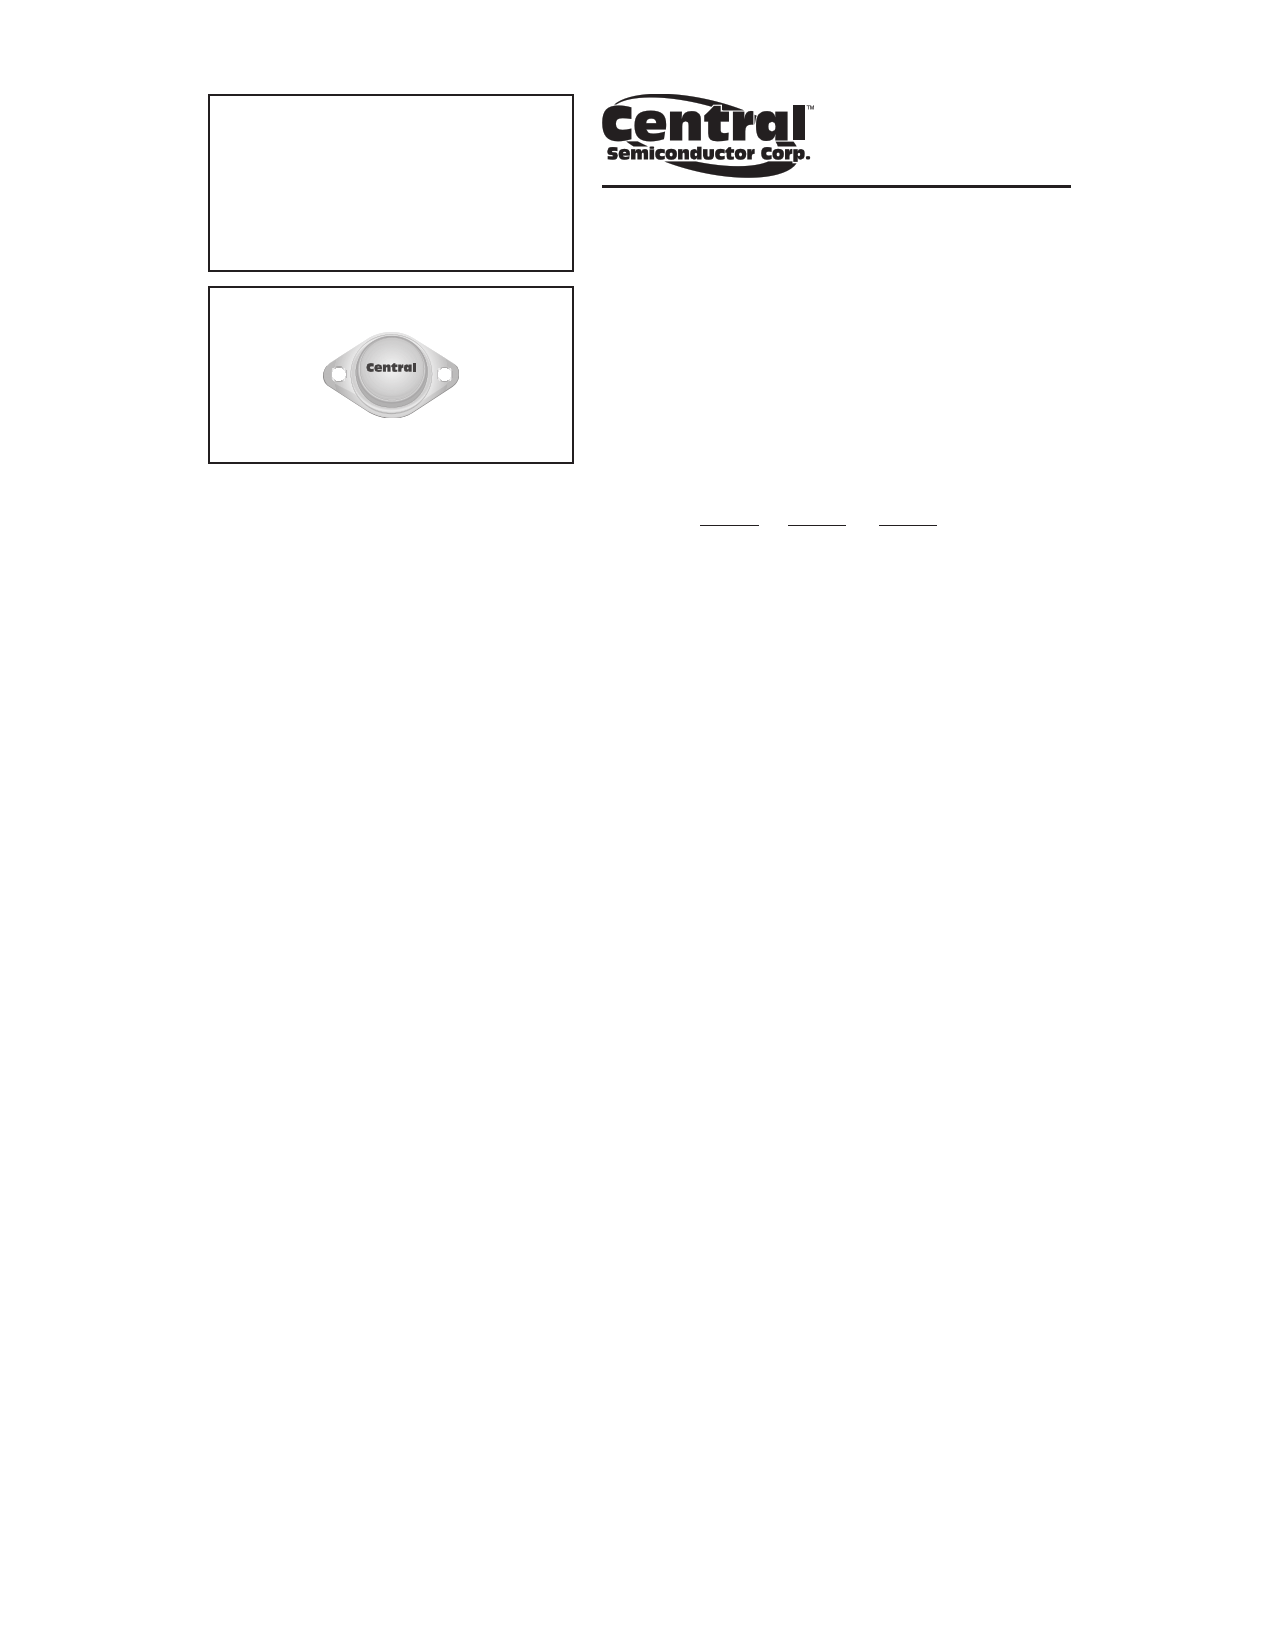 2N6283 Datasheet, 2N6283 PDF,ピン配置, 機能